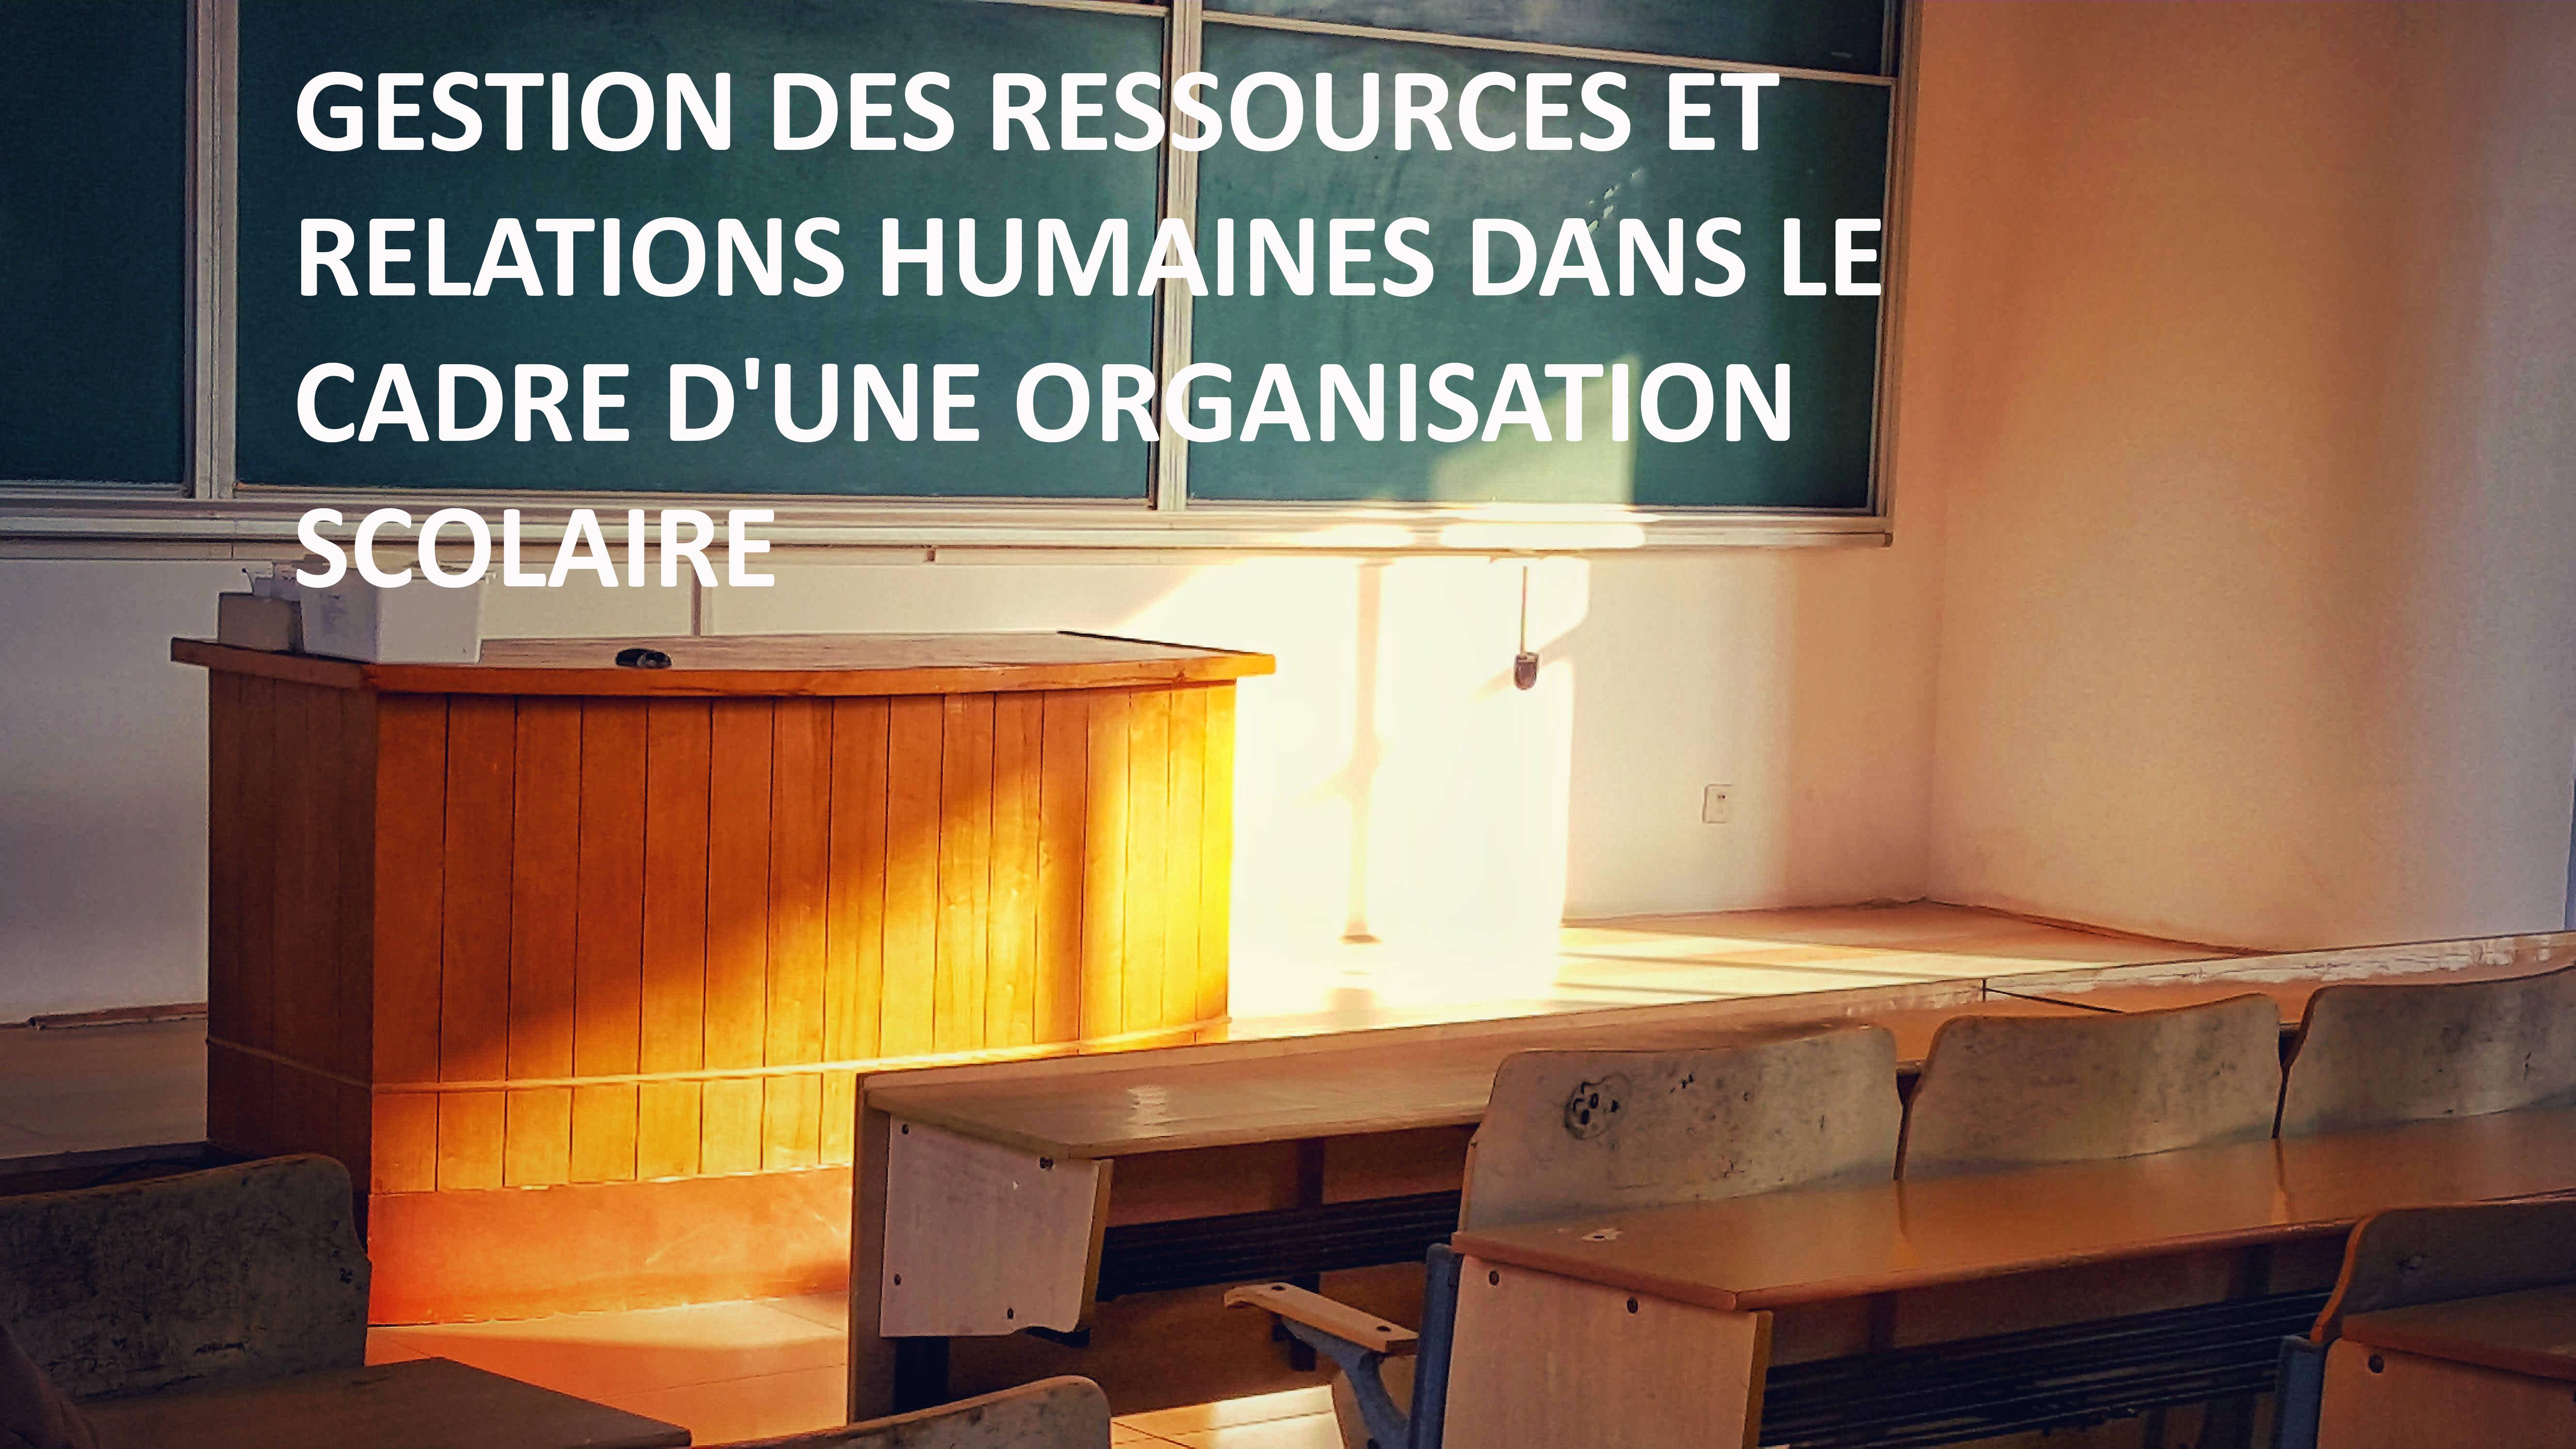 Fonction de directeur - Gestion des ressources et relations humaines dans le cadre d'une organisation scolaire